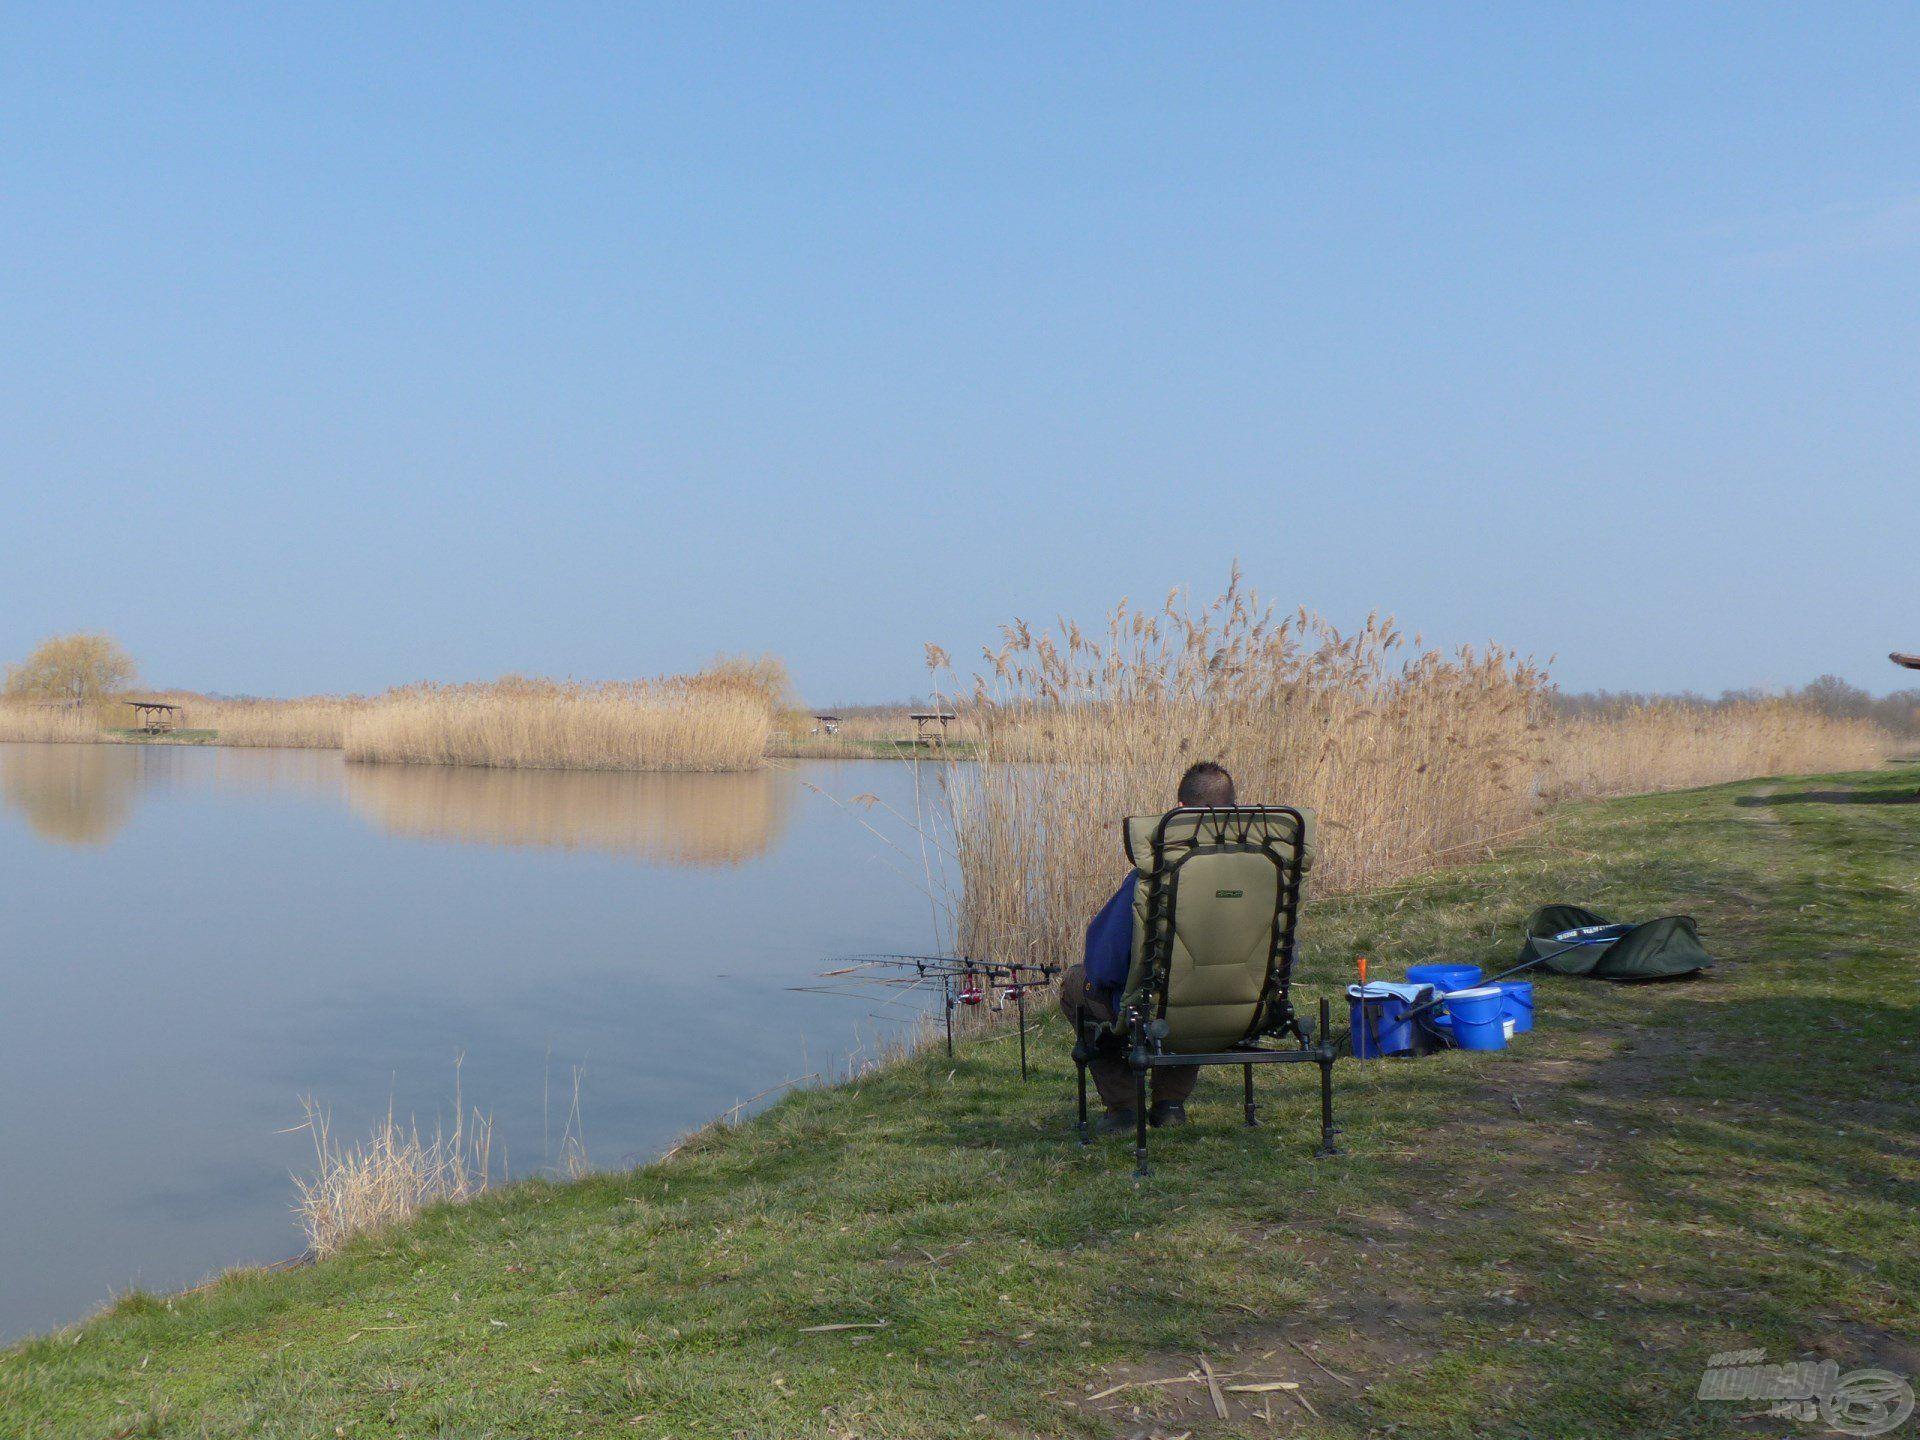 Szeretem ezt a tavat, ha lehetőségem és időm engedi, gyakran horgászom itt